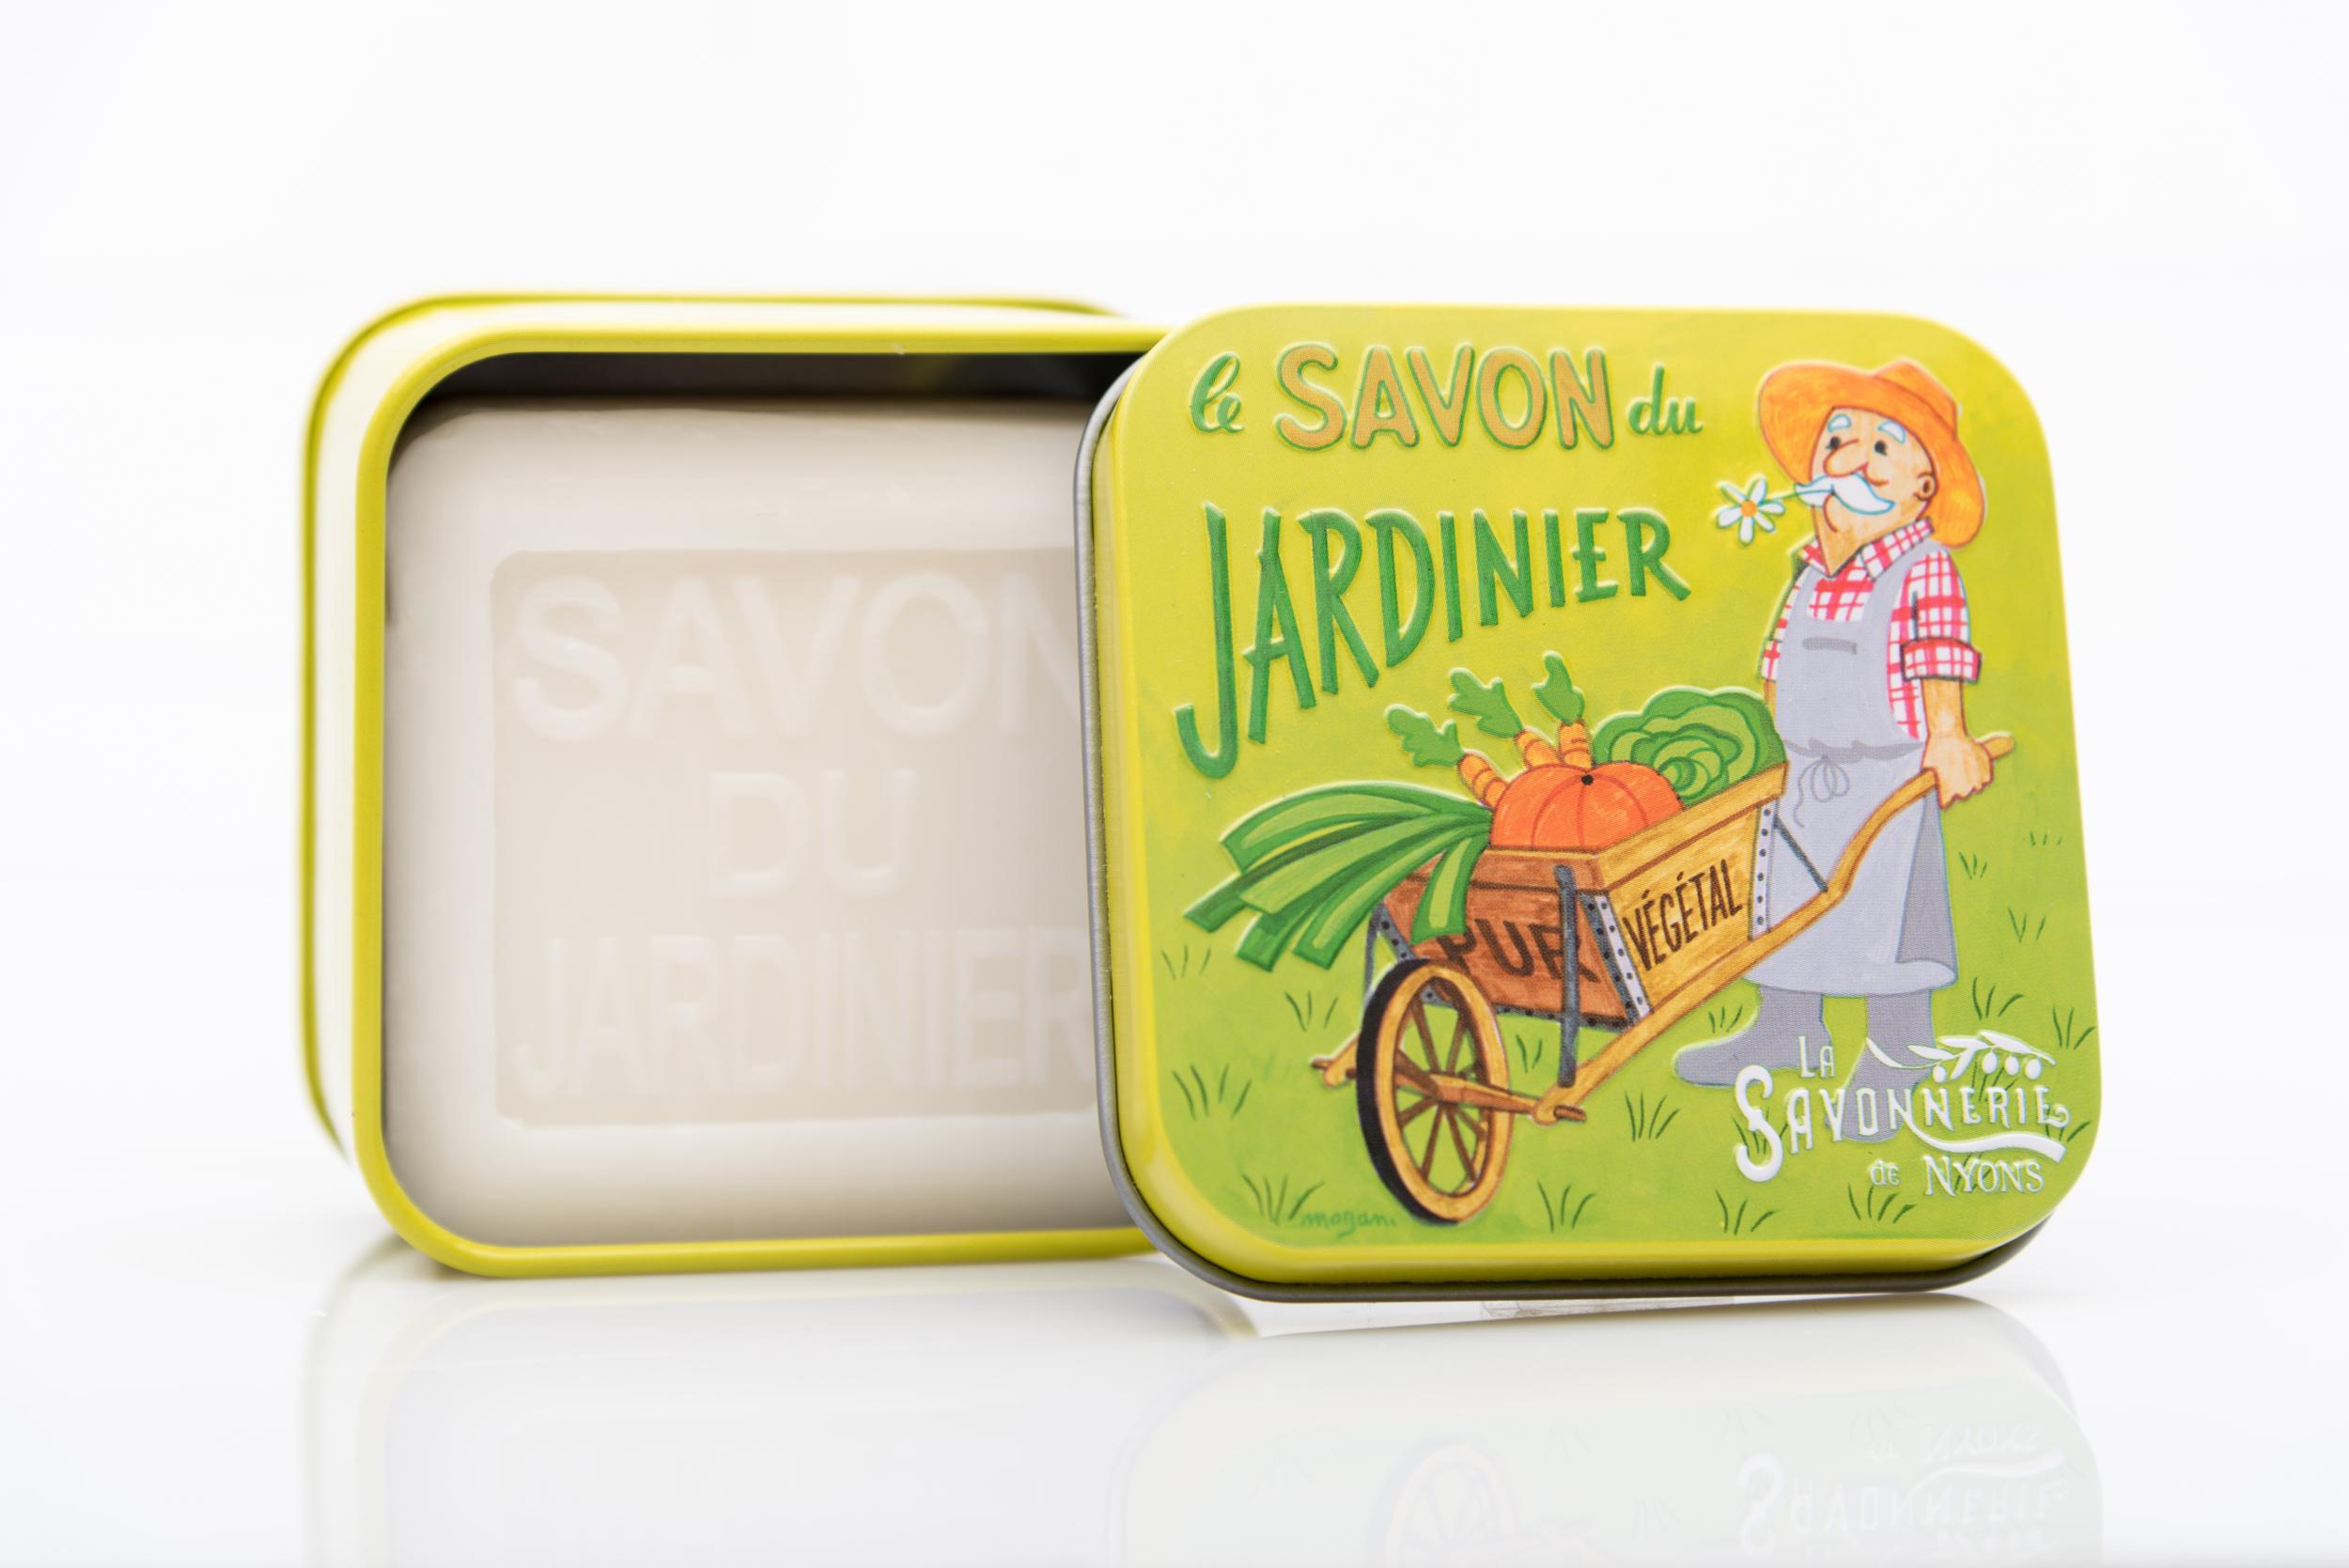 SAVON DU JARDINIER 100 GRAMMES